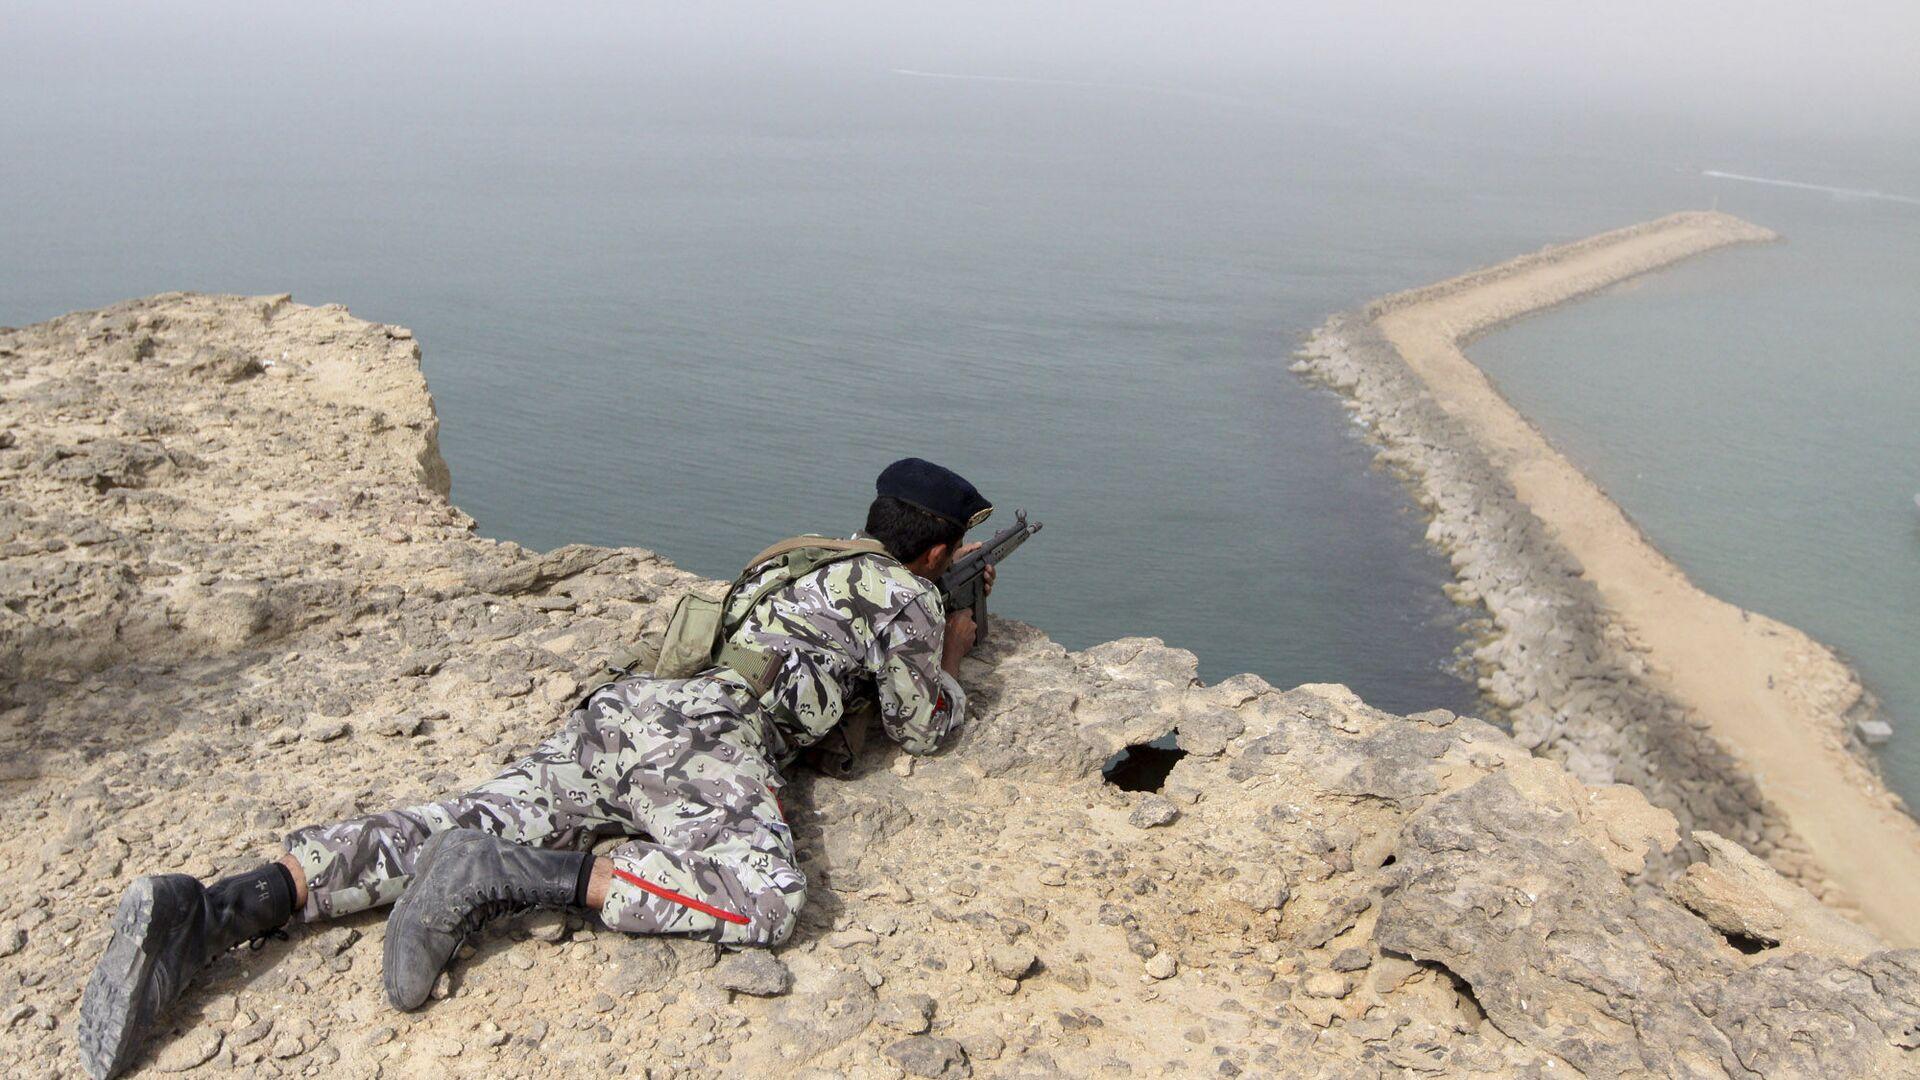 Военнослужащий армии Ирана во время учений в прибрежной зоне Ормузского пролива - РИА Новости, 1920, 25.04.2021